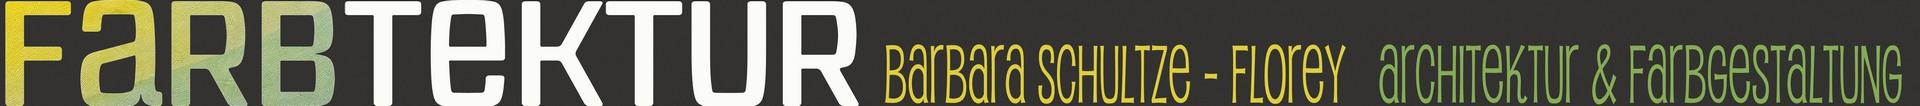 FARBTEKTUR - Barbara Schultze-Florey